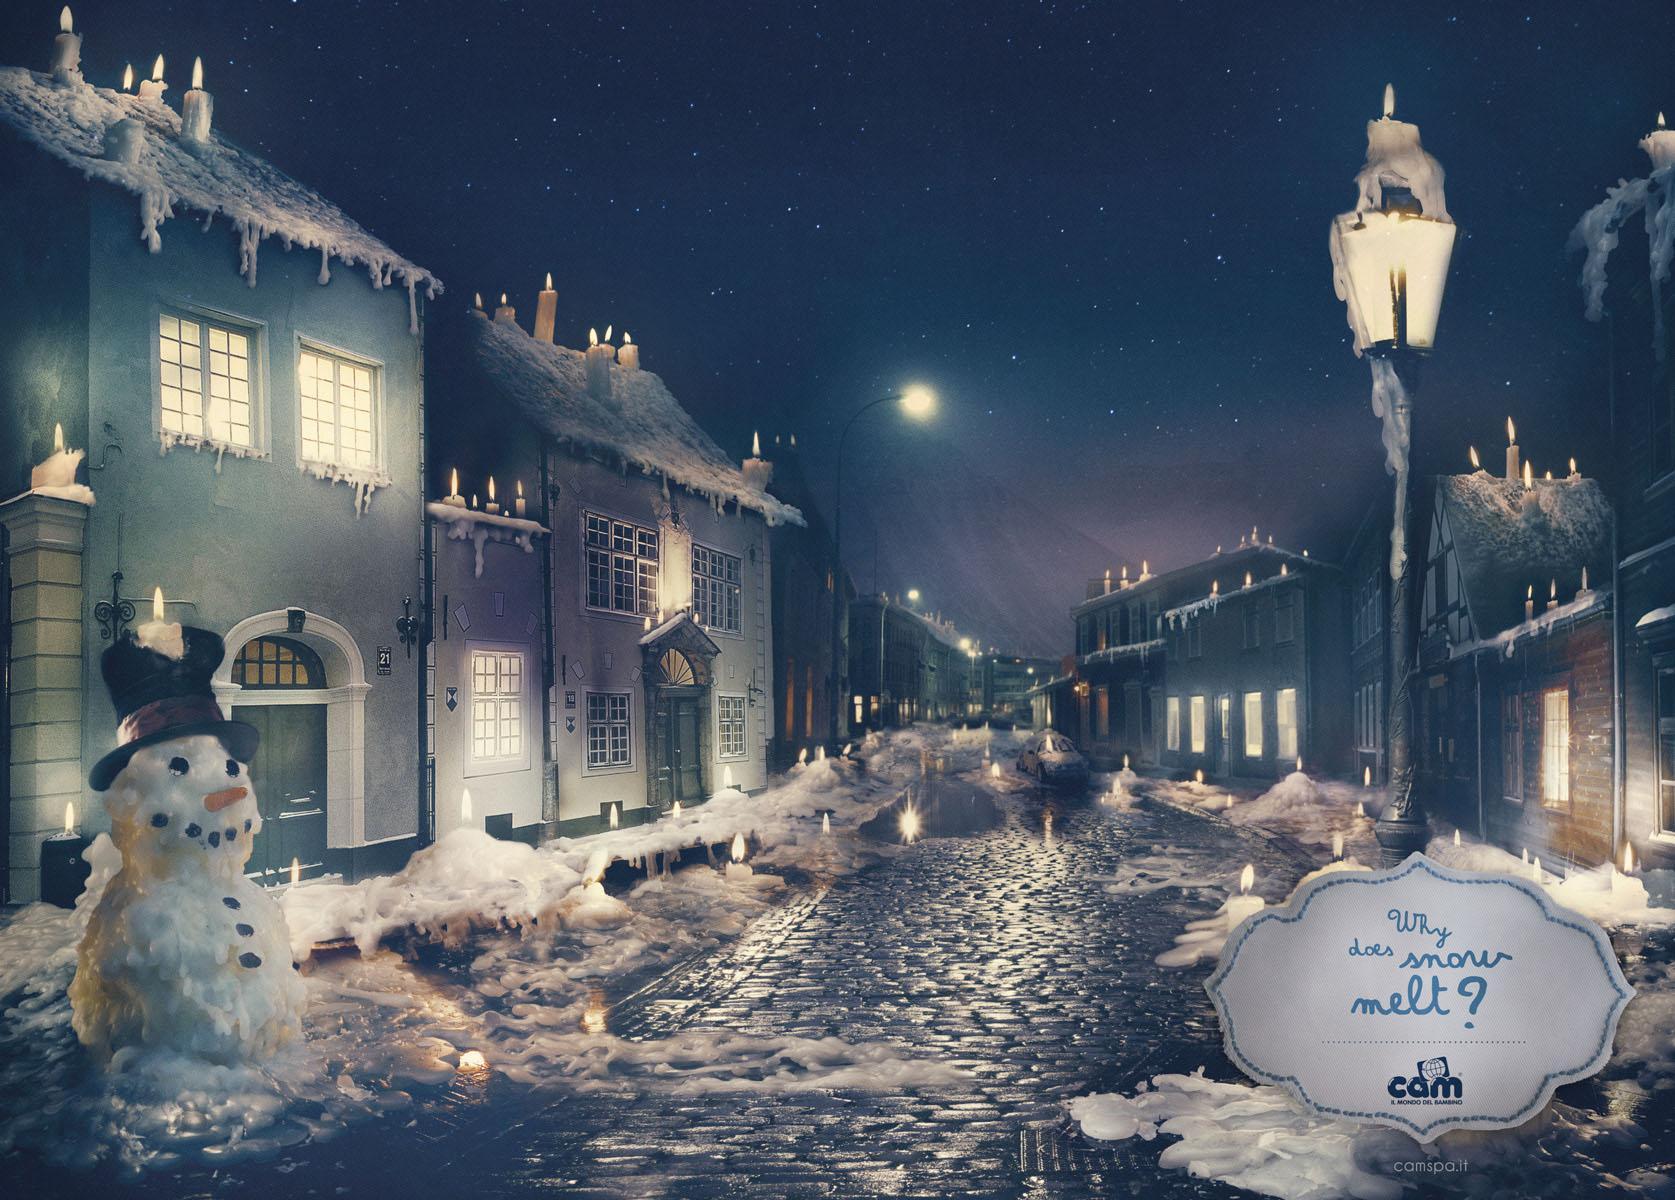 Bon courage aux Parisiens : les 80 publicités les plus créatives sur la Neige #neigeparis 20